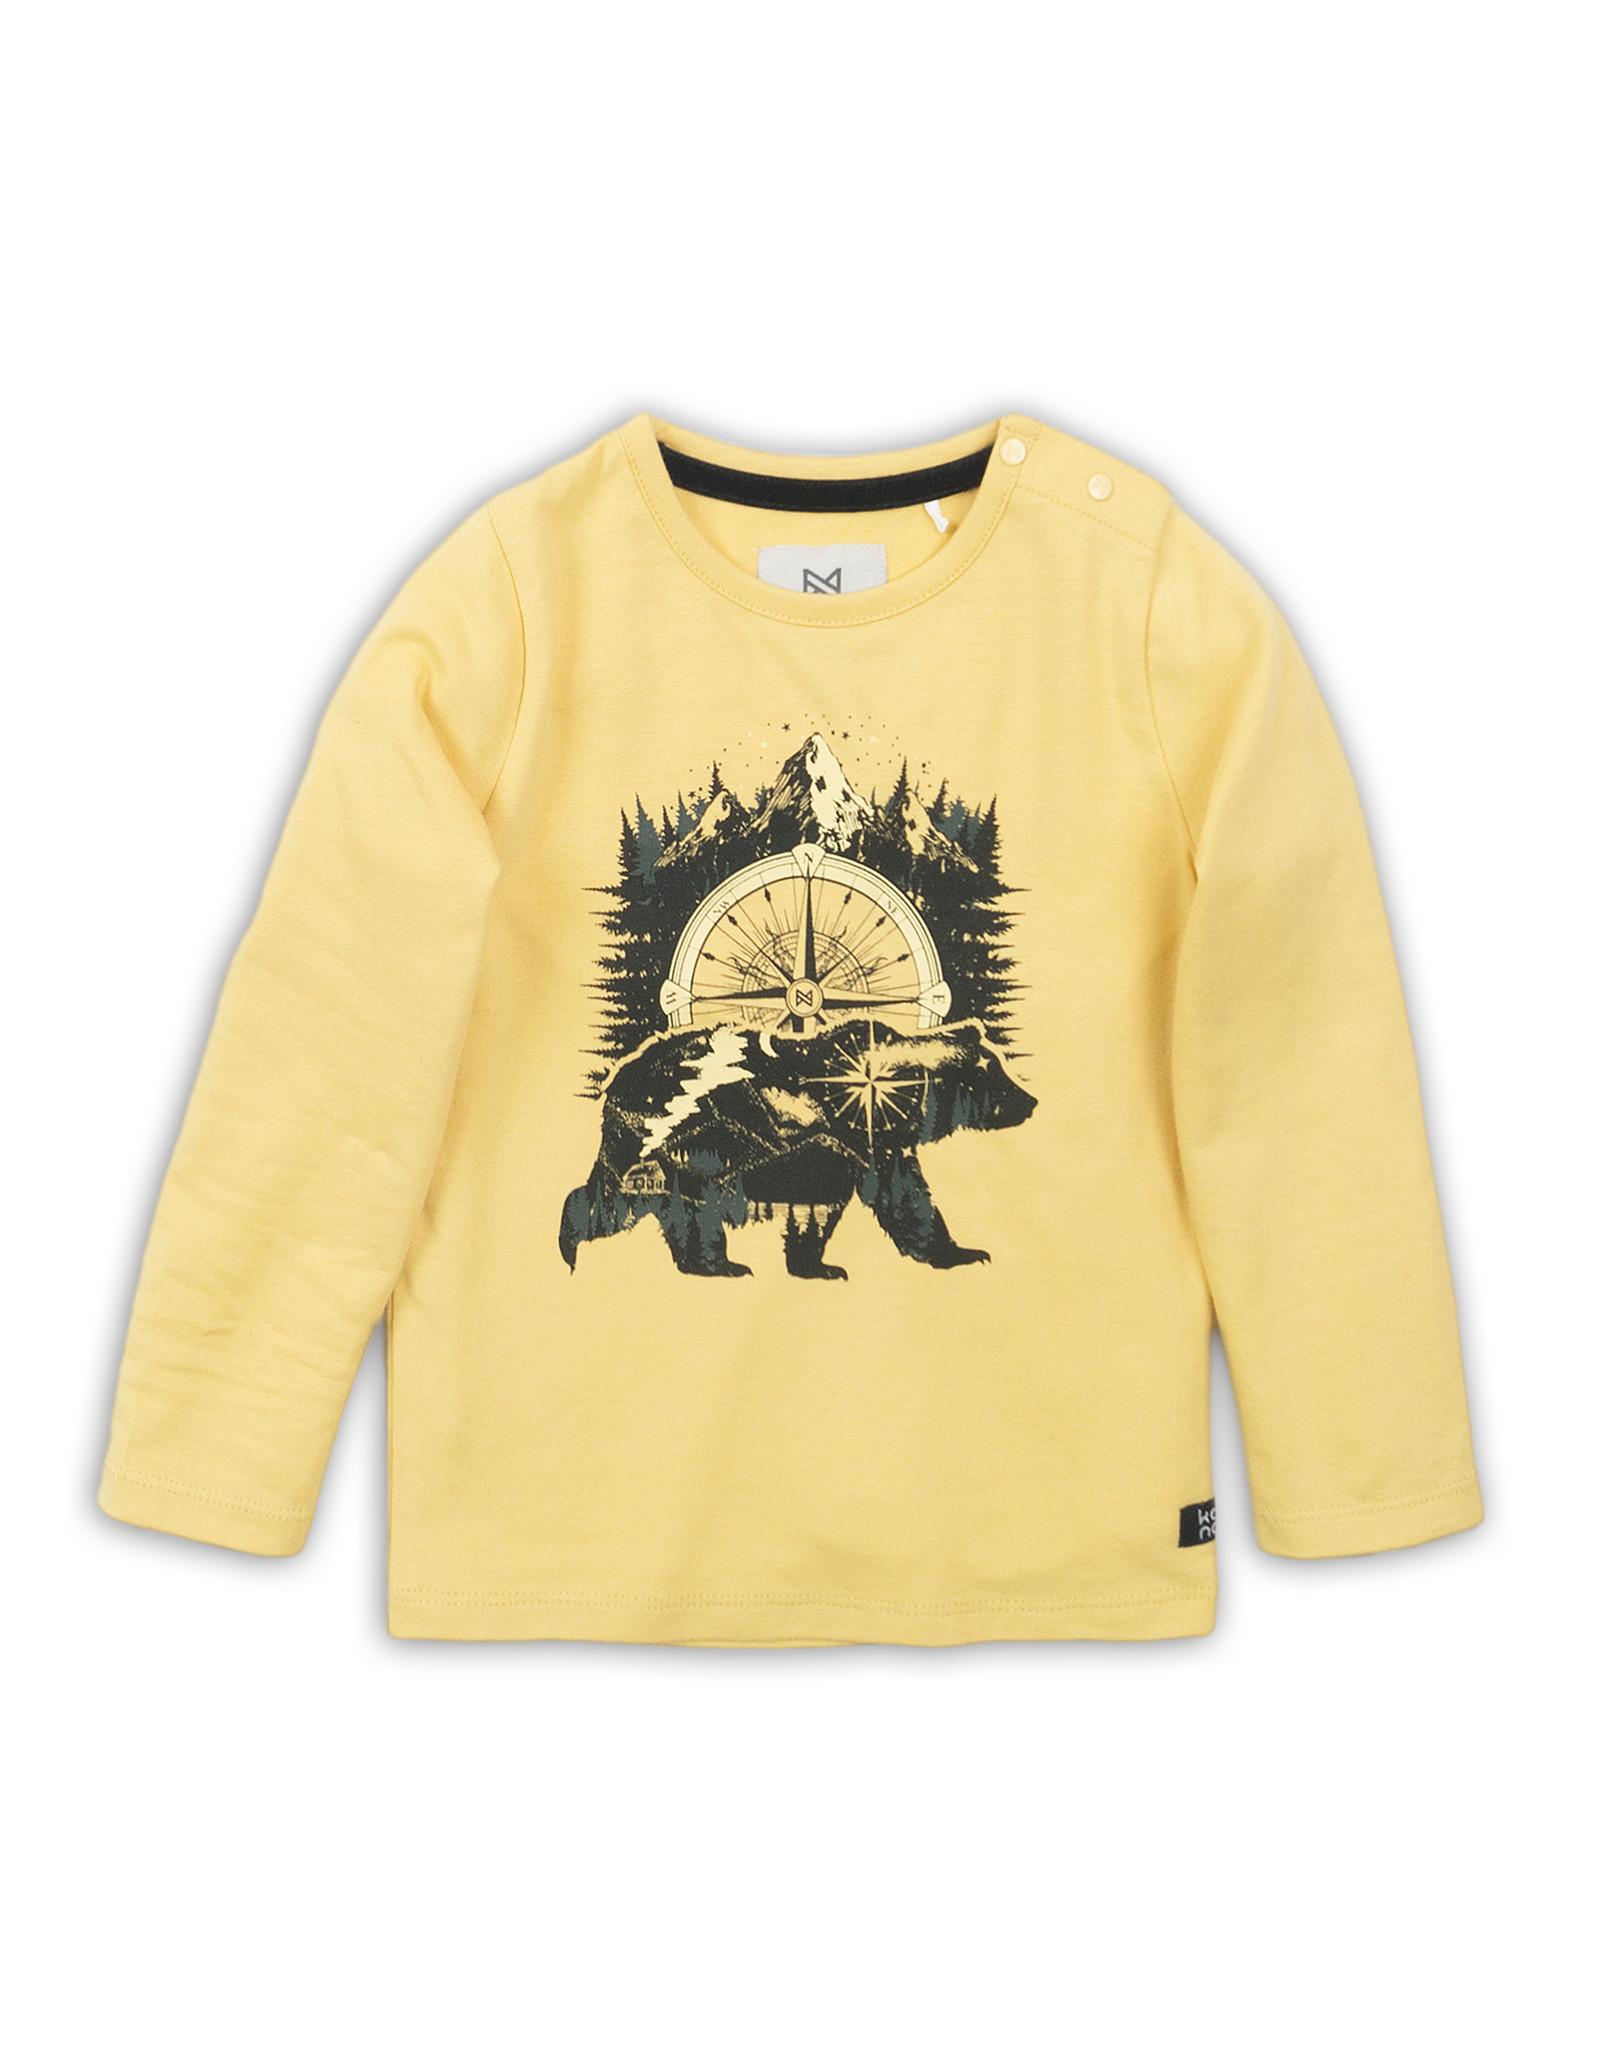 Koko Noko Longsleeve Yellow